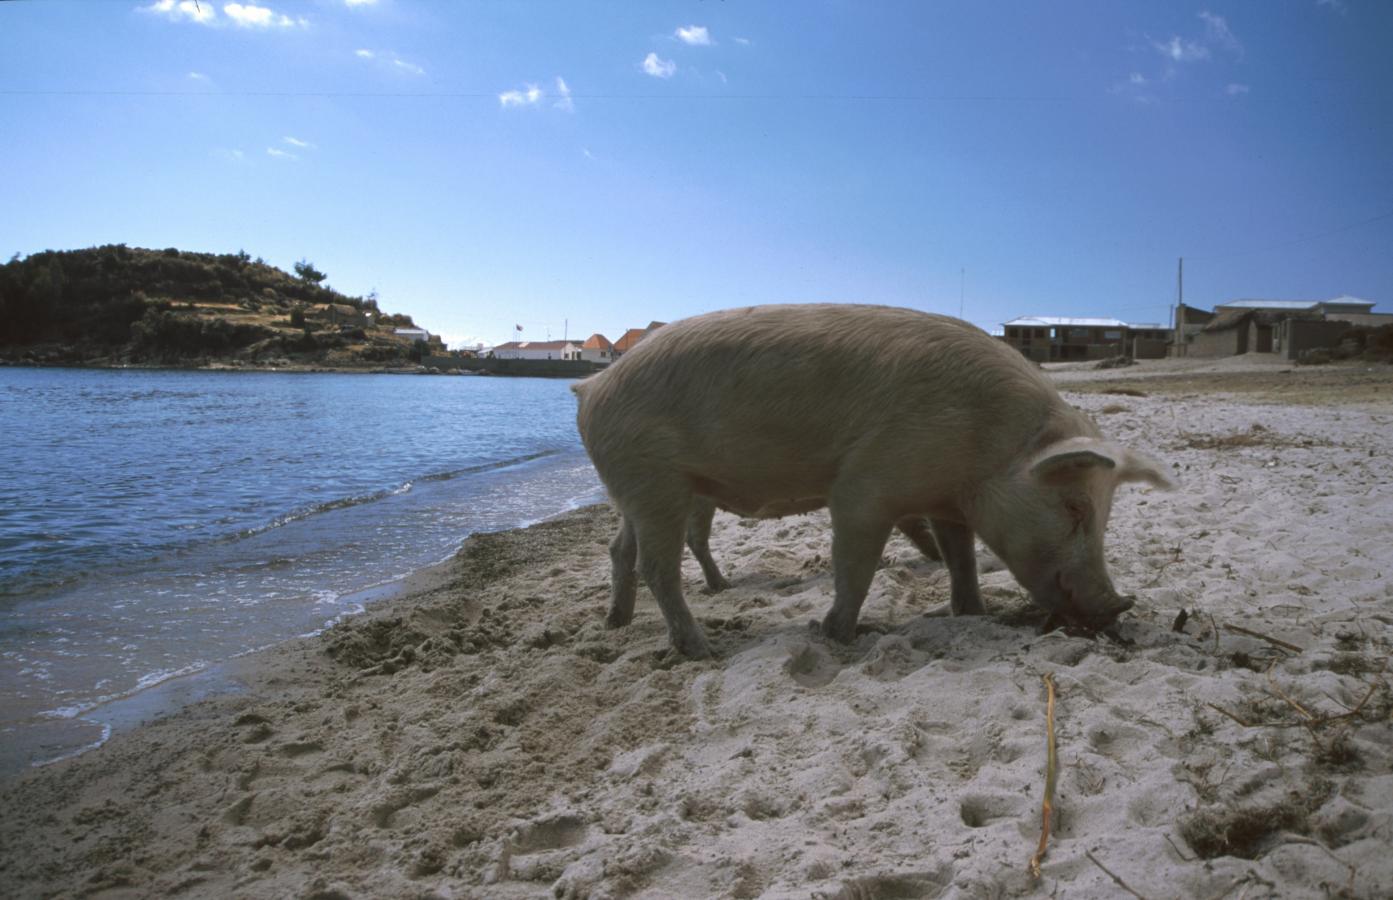 pigs-on-the-beach-lake-titicaca-peru-2001